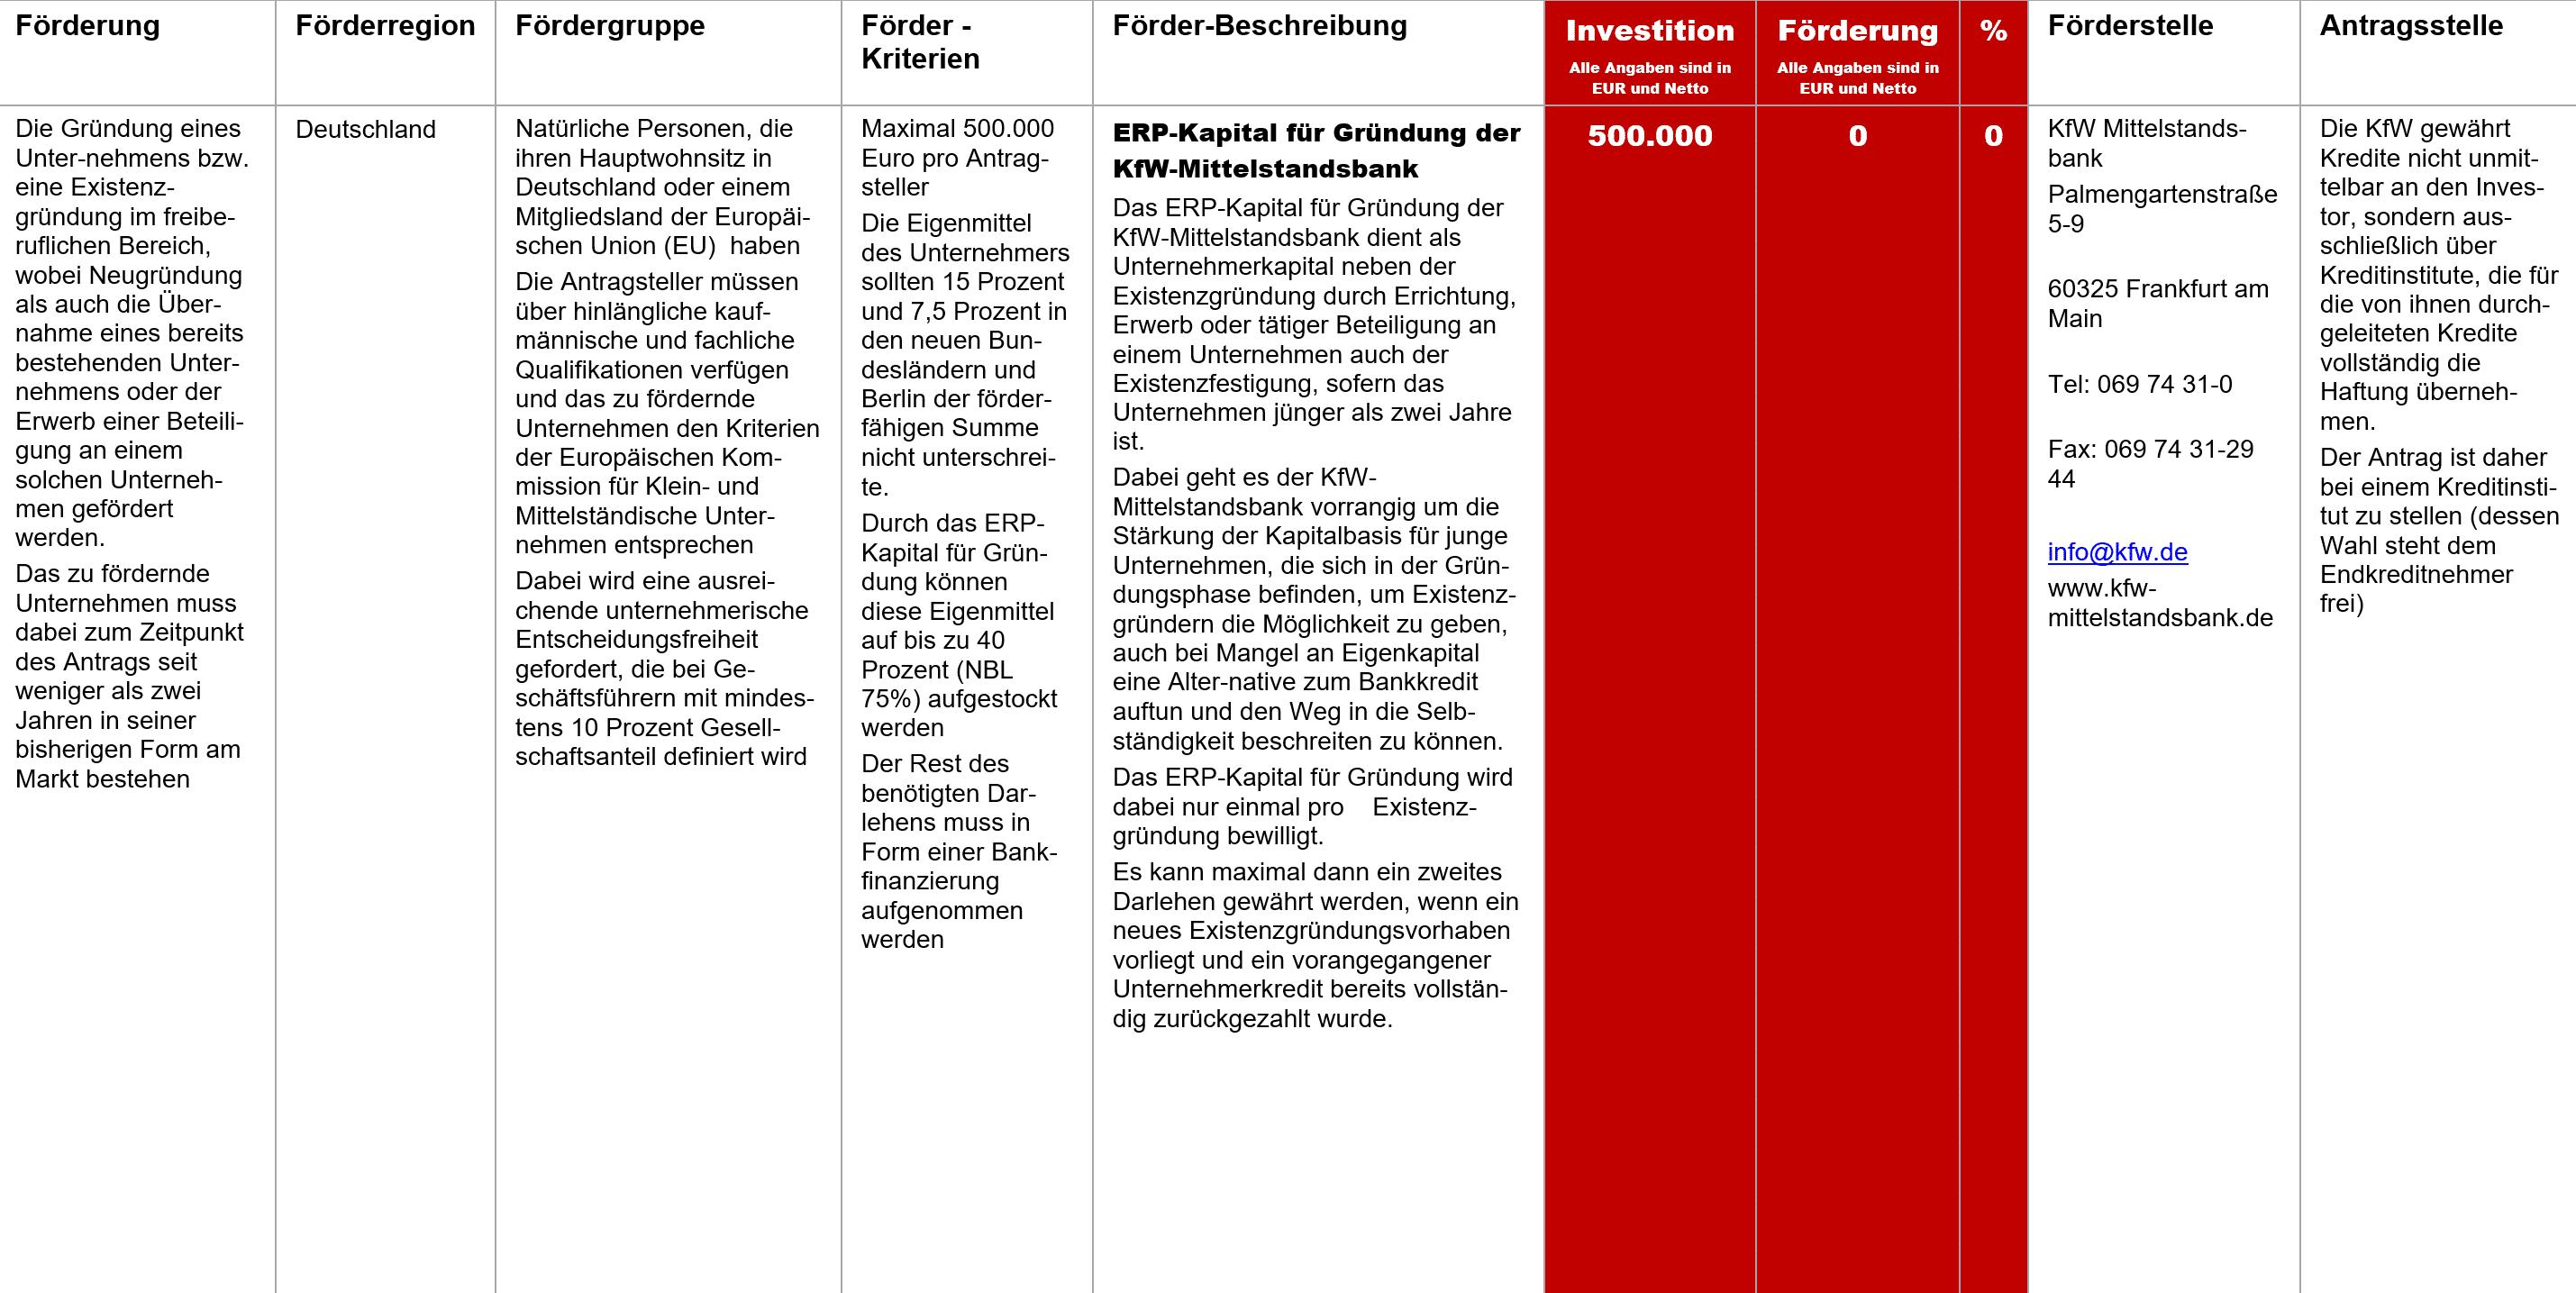 ERP Kapital für Gründung der KfW-Mittelstandsbank, Fördermittel – ERP-Kapital für Gründung der KfW-Mittelstandsbank